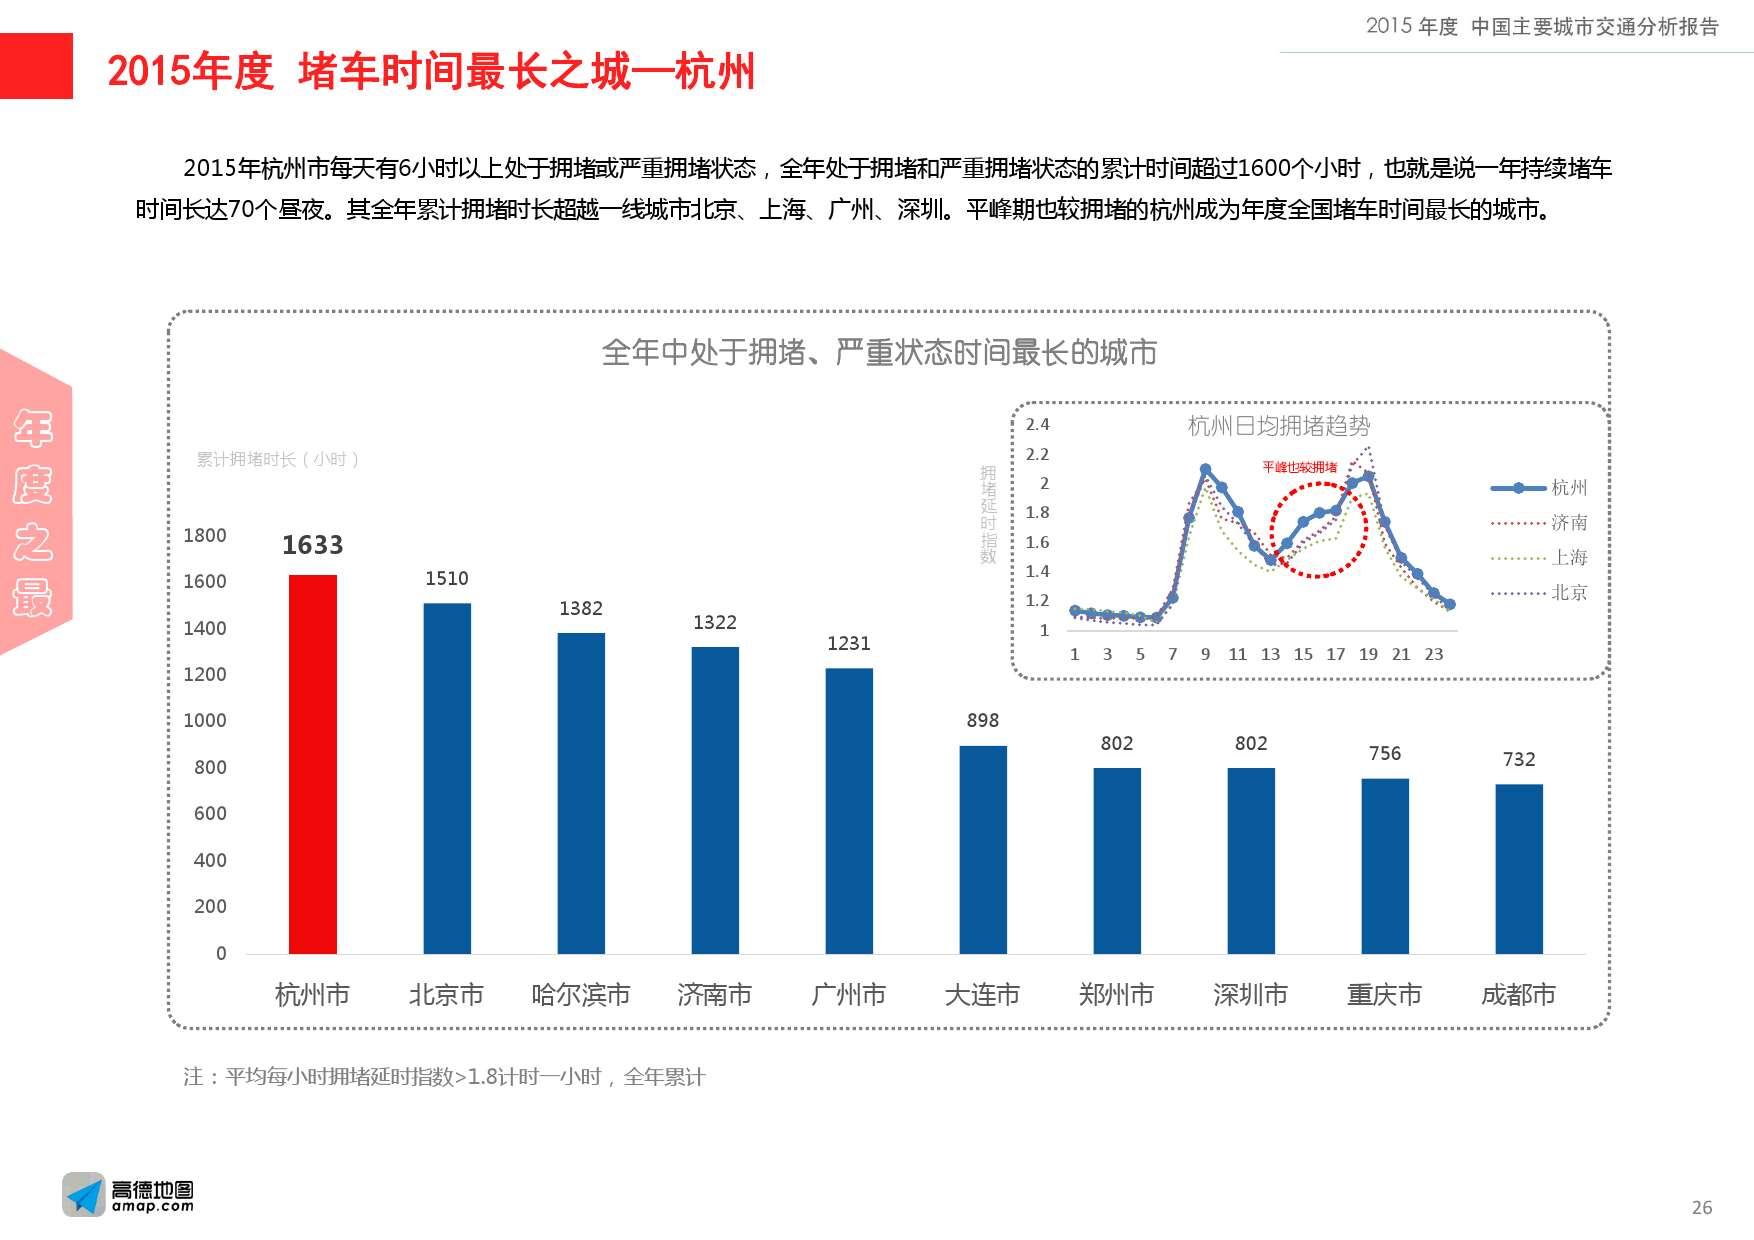 2015年度中国主要城市交通分析报告-final_000026